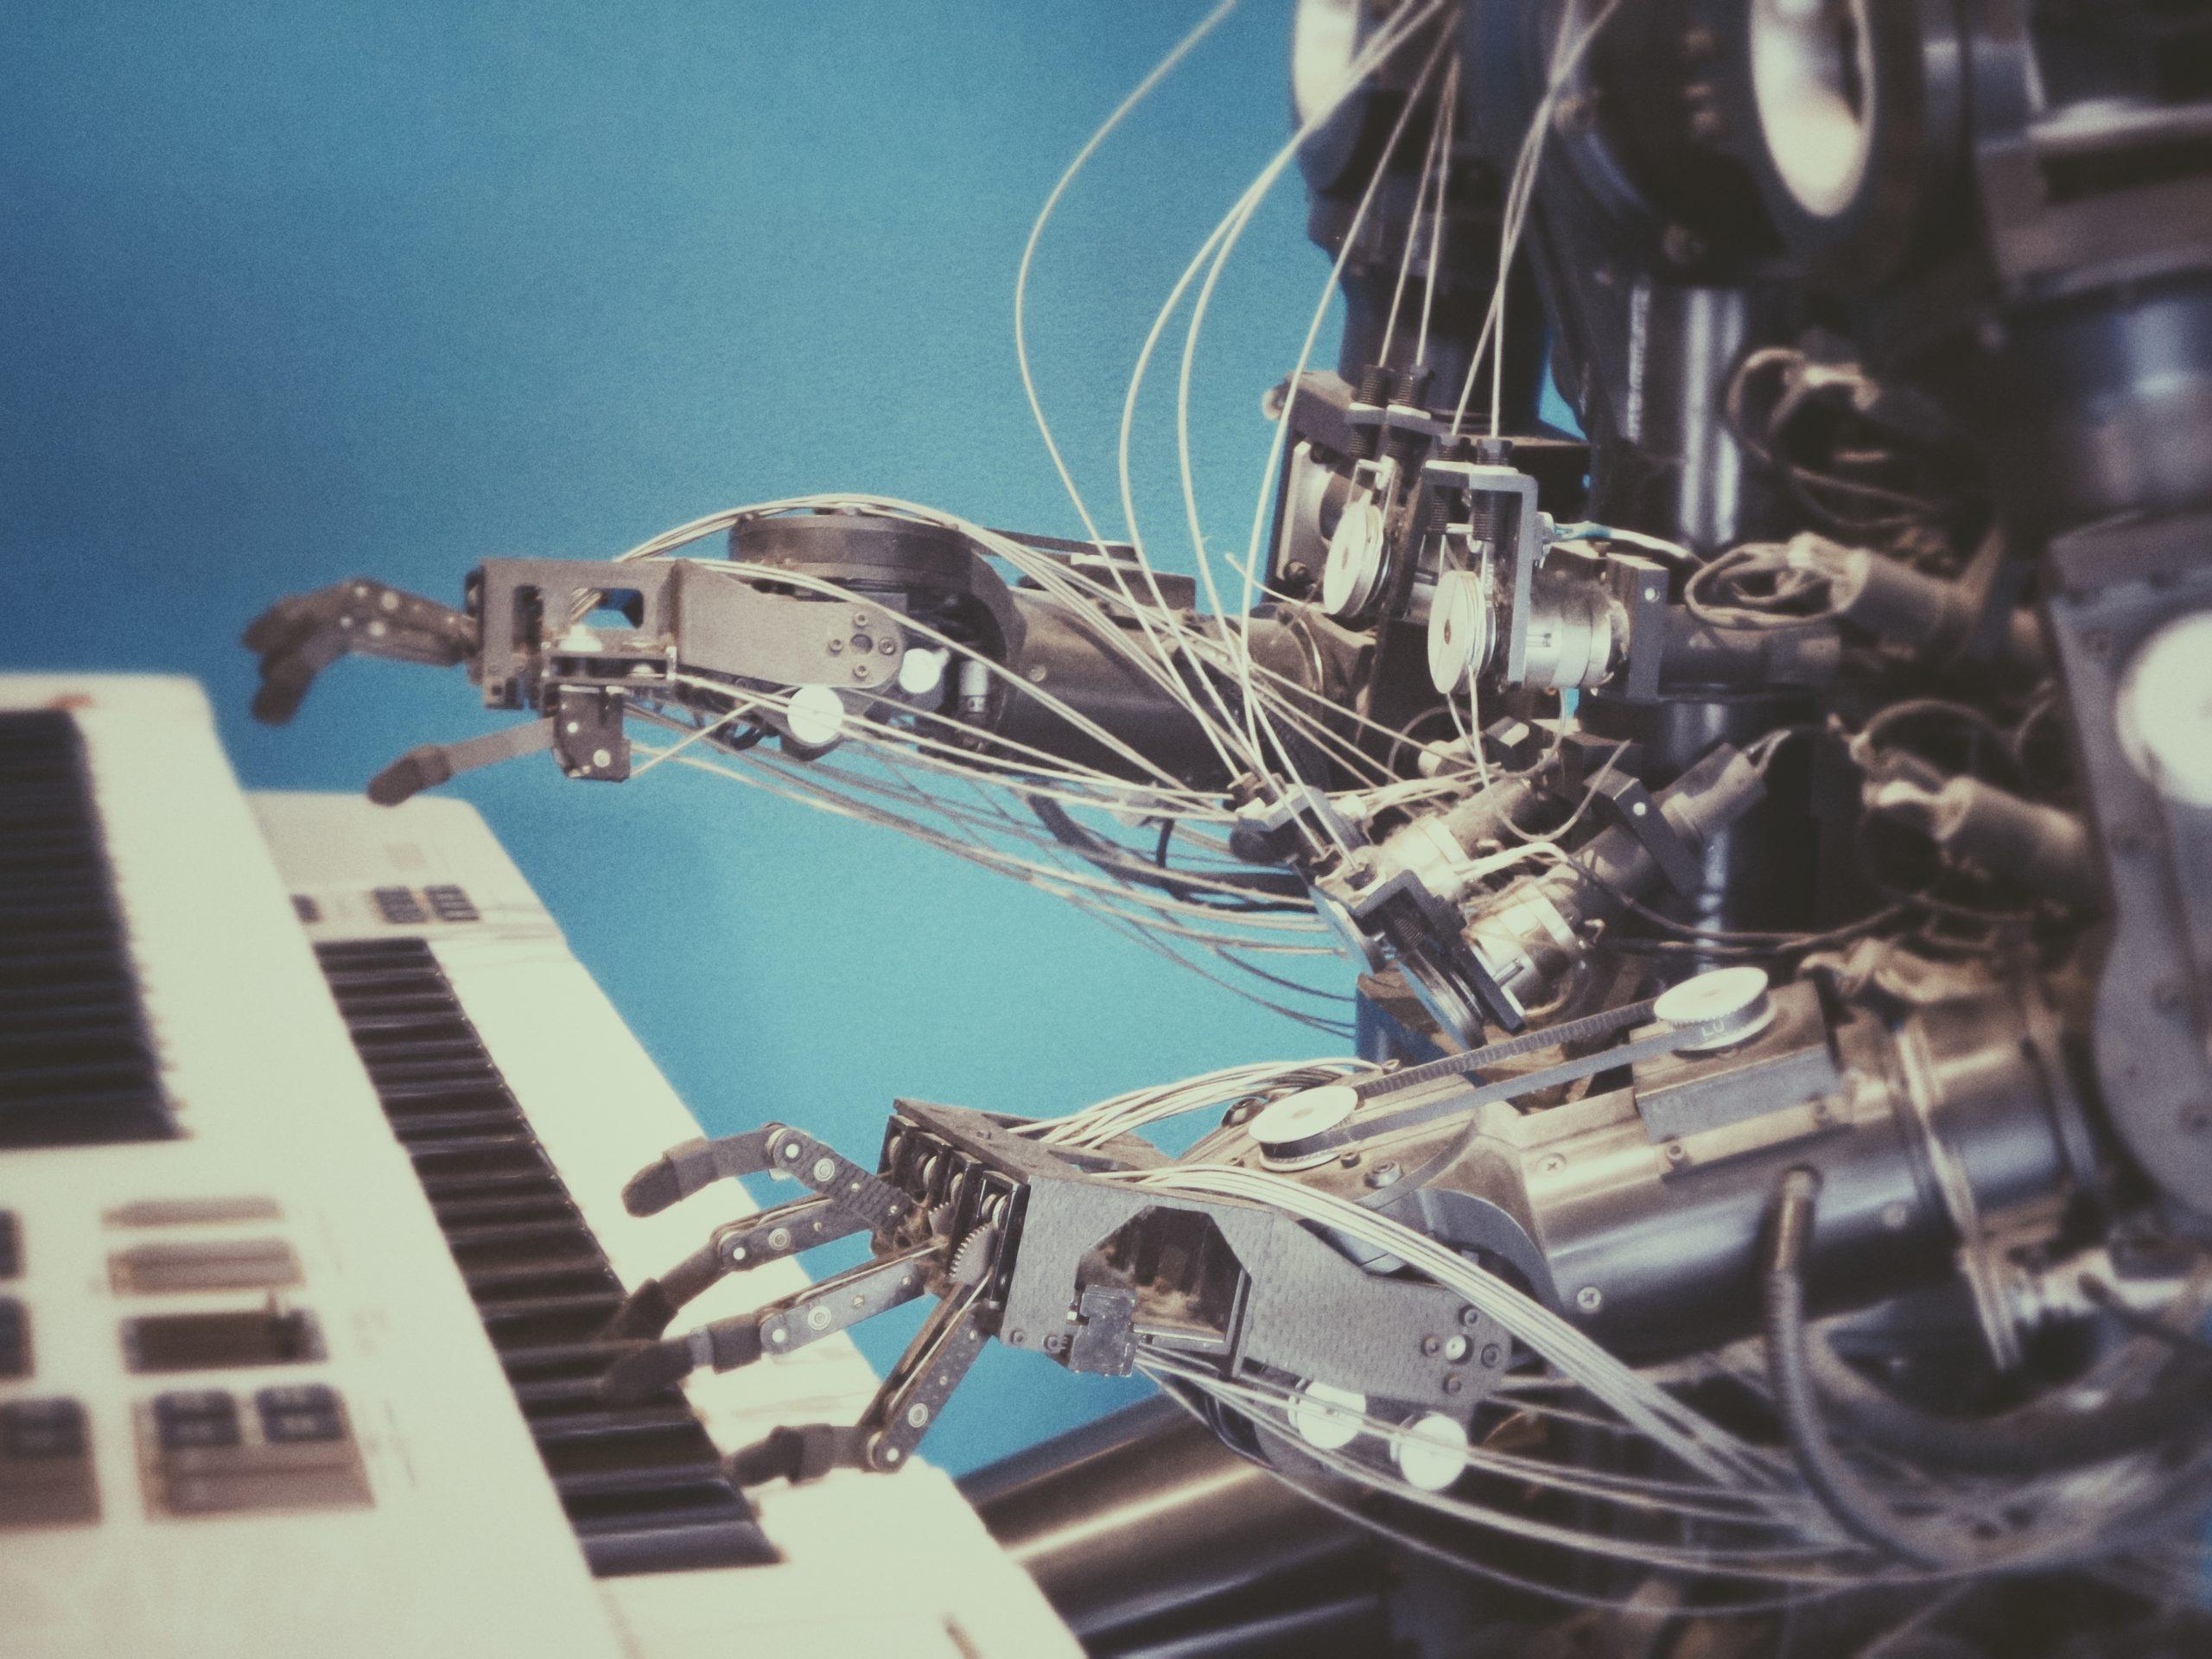 Sandra Bouckaert Deep Democracy: Werk jij al met een robot samen 4